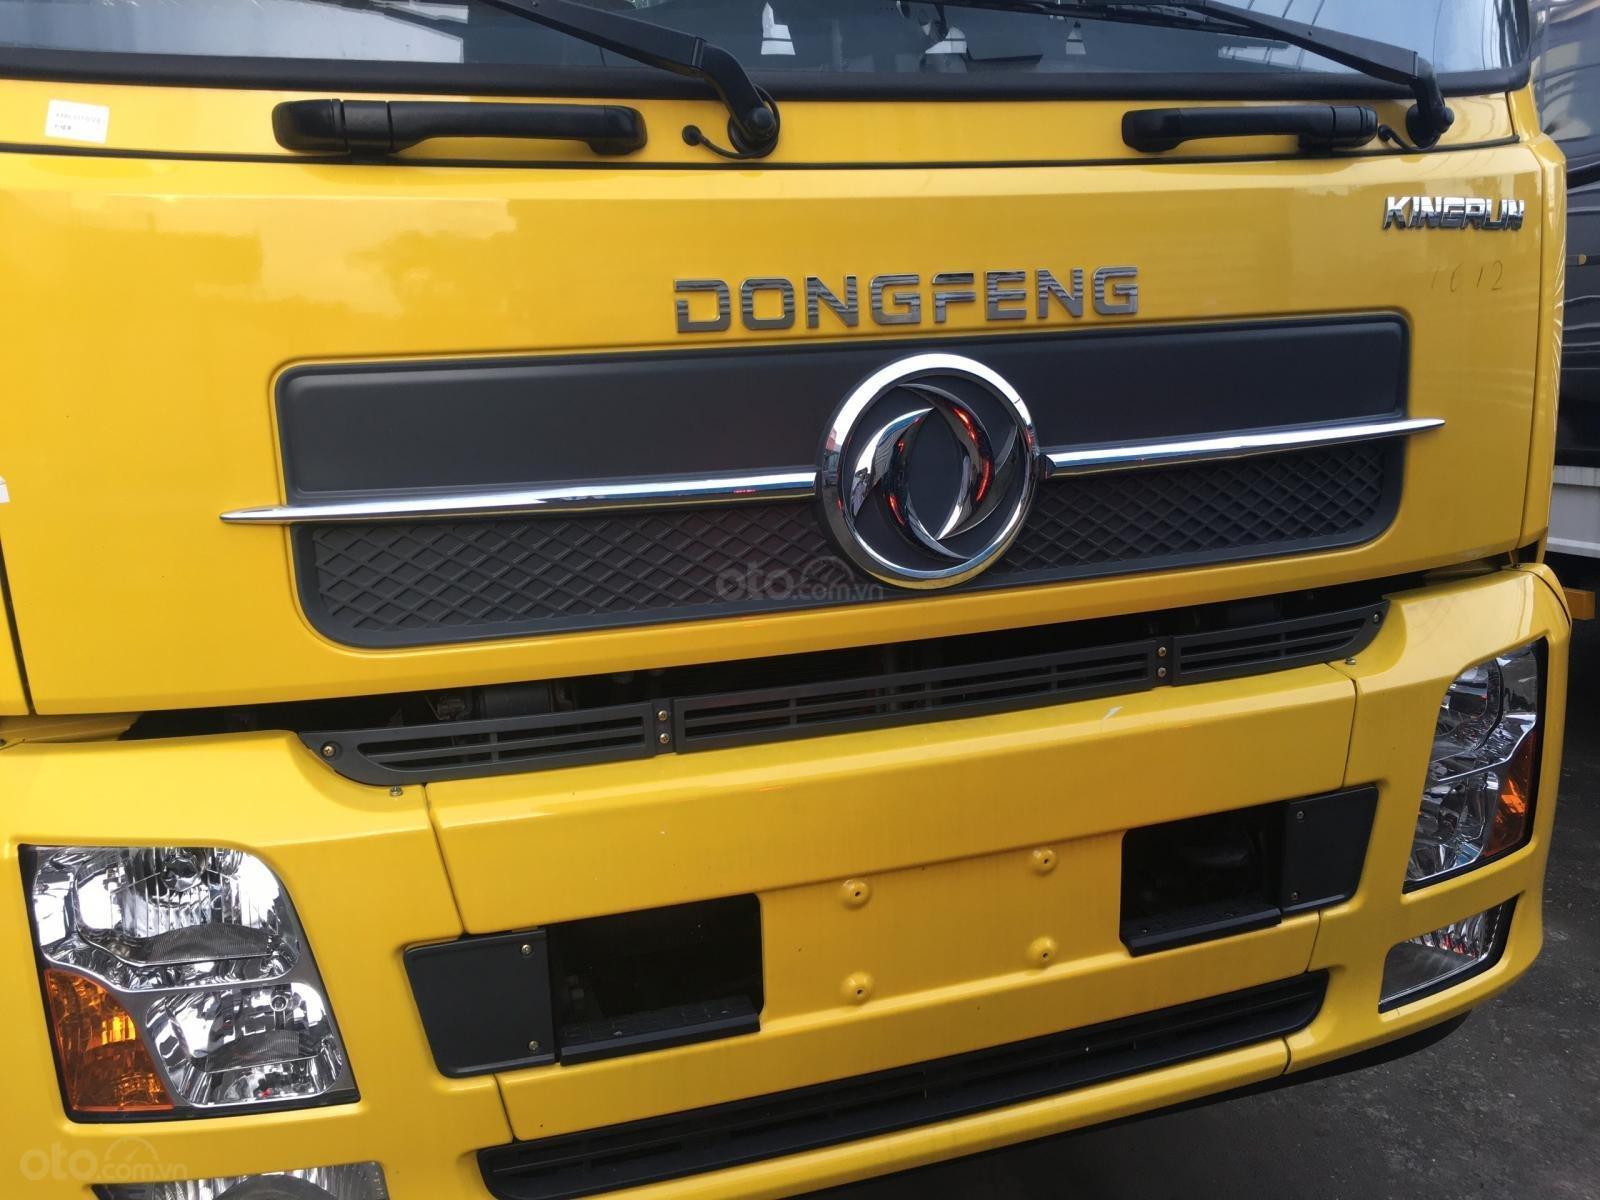 Bán xe Dongfeng B180 nhập khẩu nguyên chiếc 2019 thùng 7.5m (2)